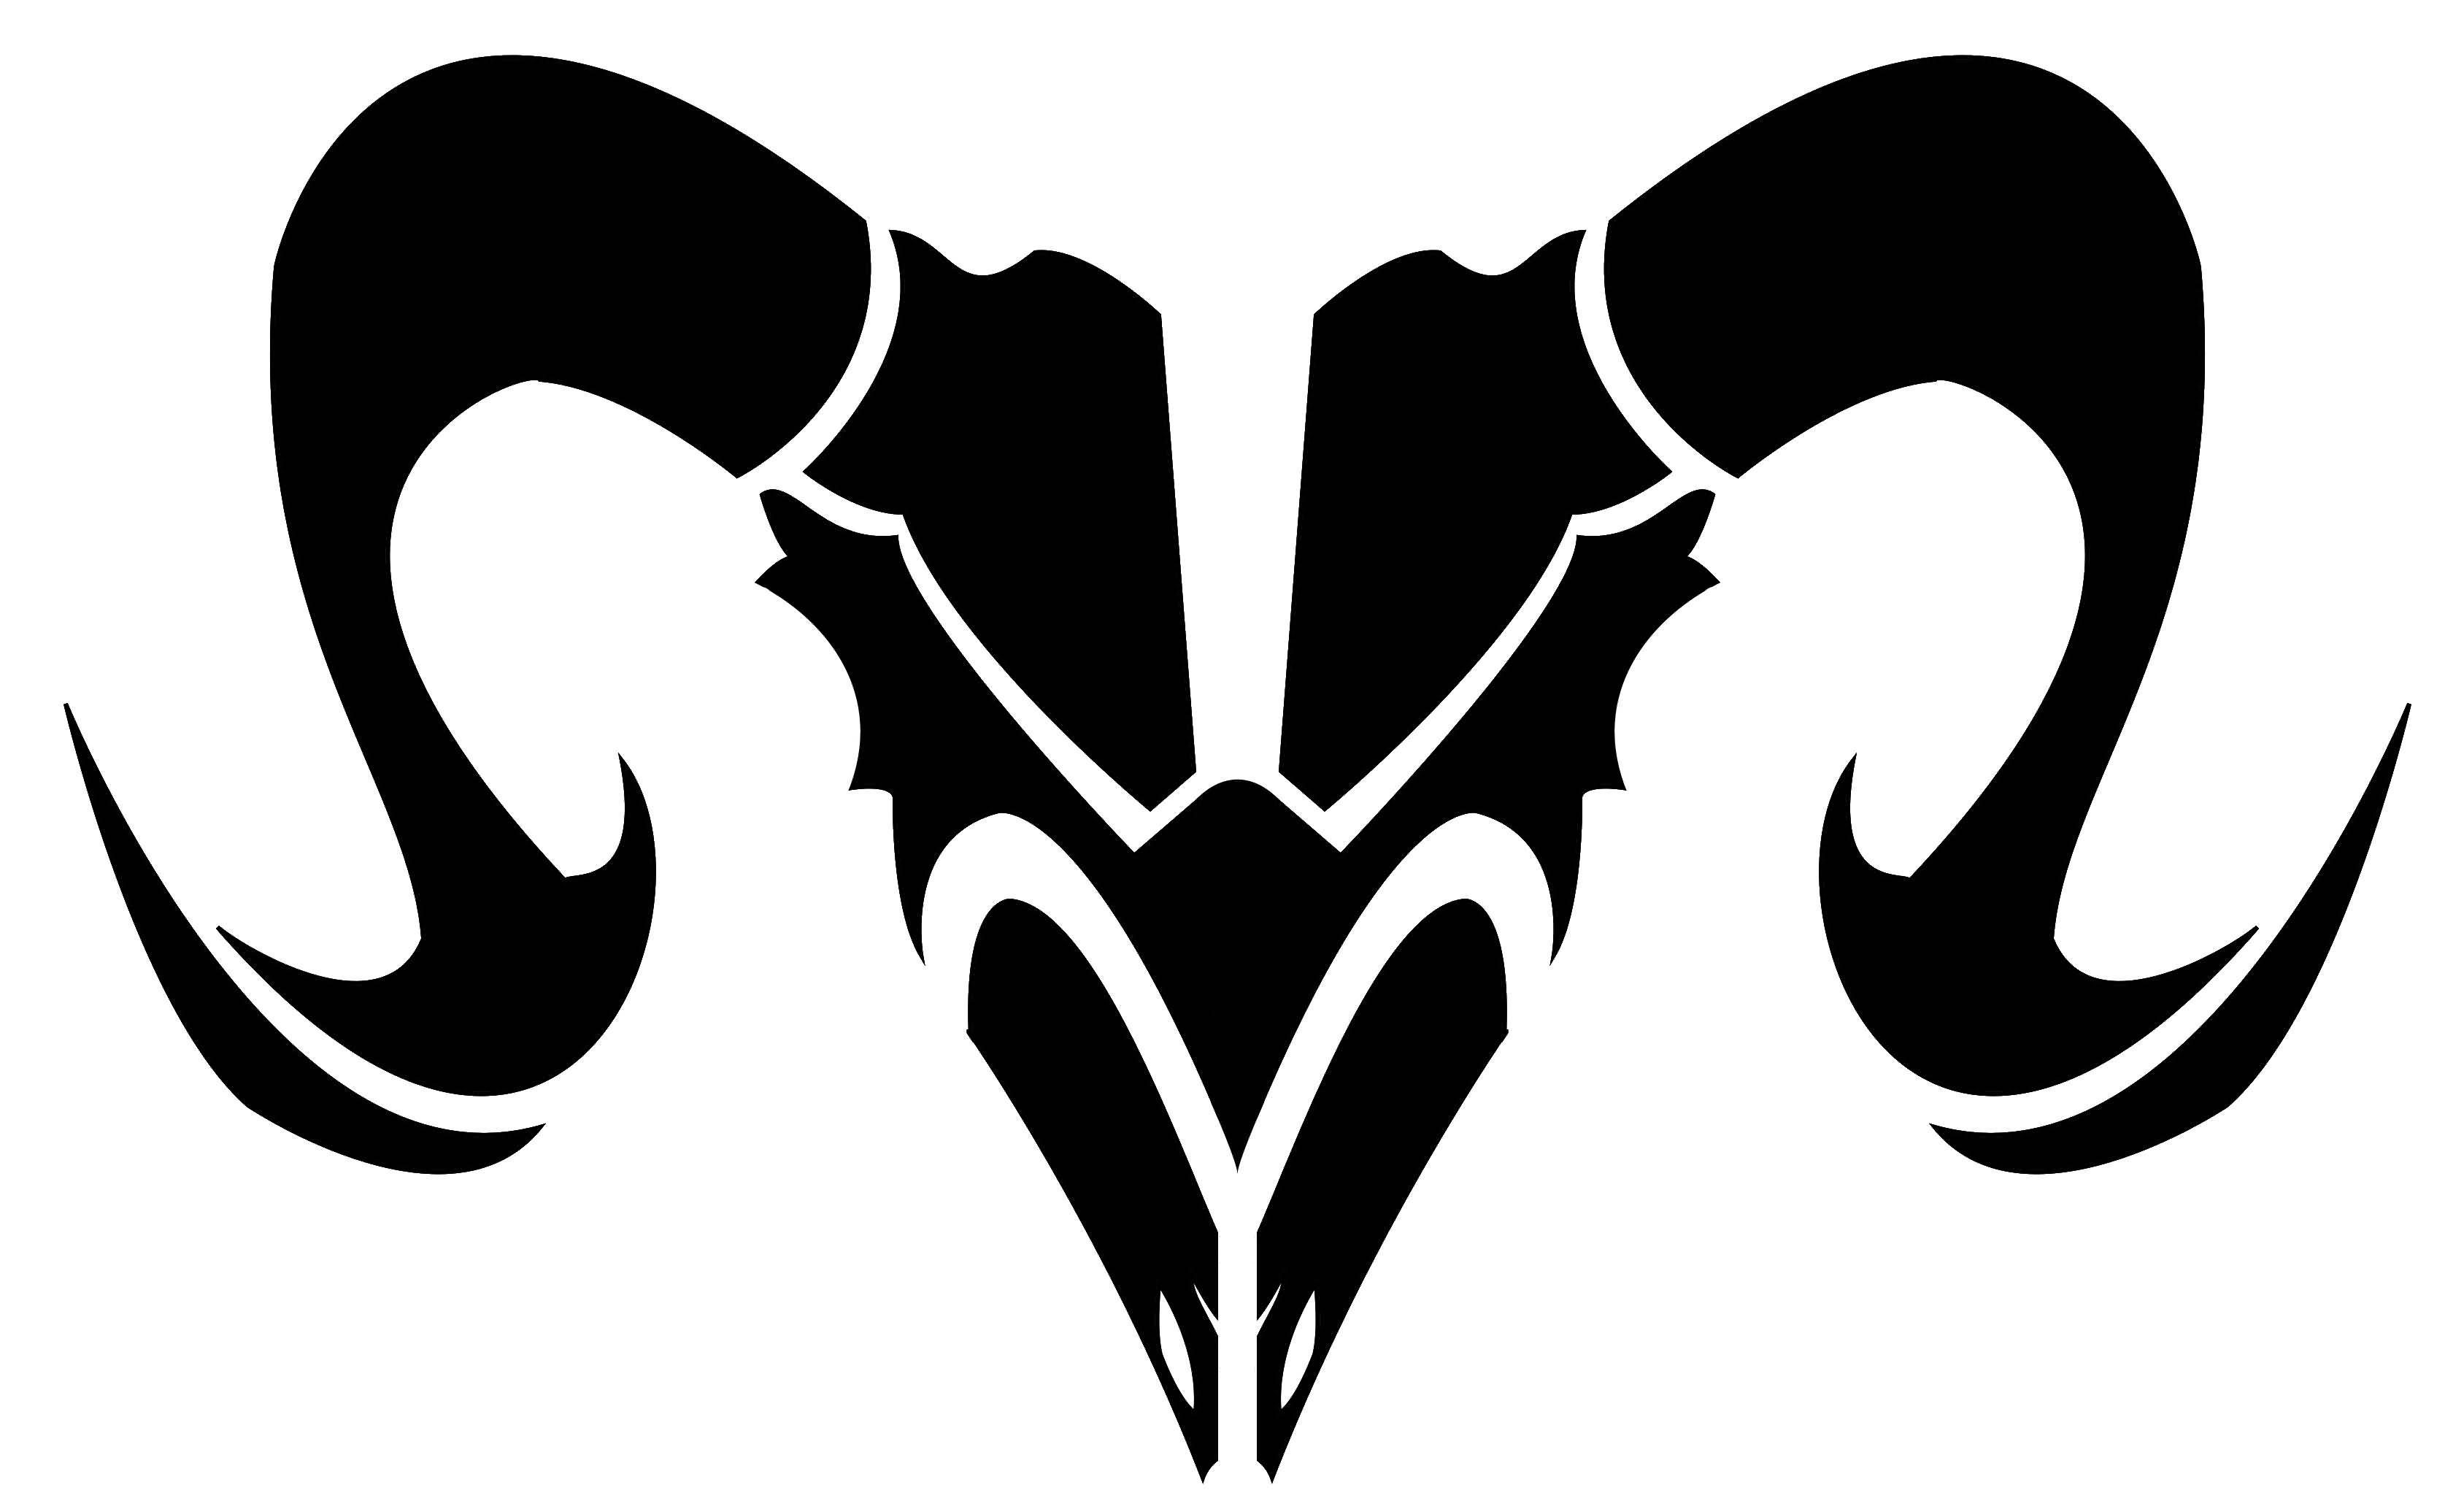 Tattoo designs tribal aries zodiac sign tattoos golfian com - Awesome Black Tribal Aries Zodiac Sign Tattoo Stencil